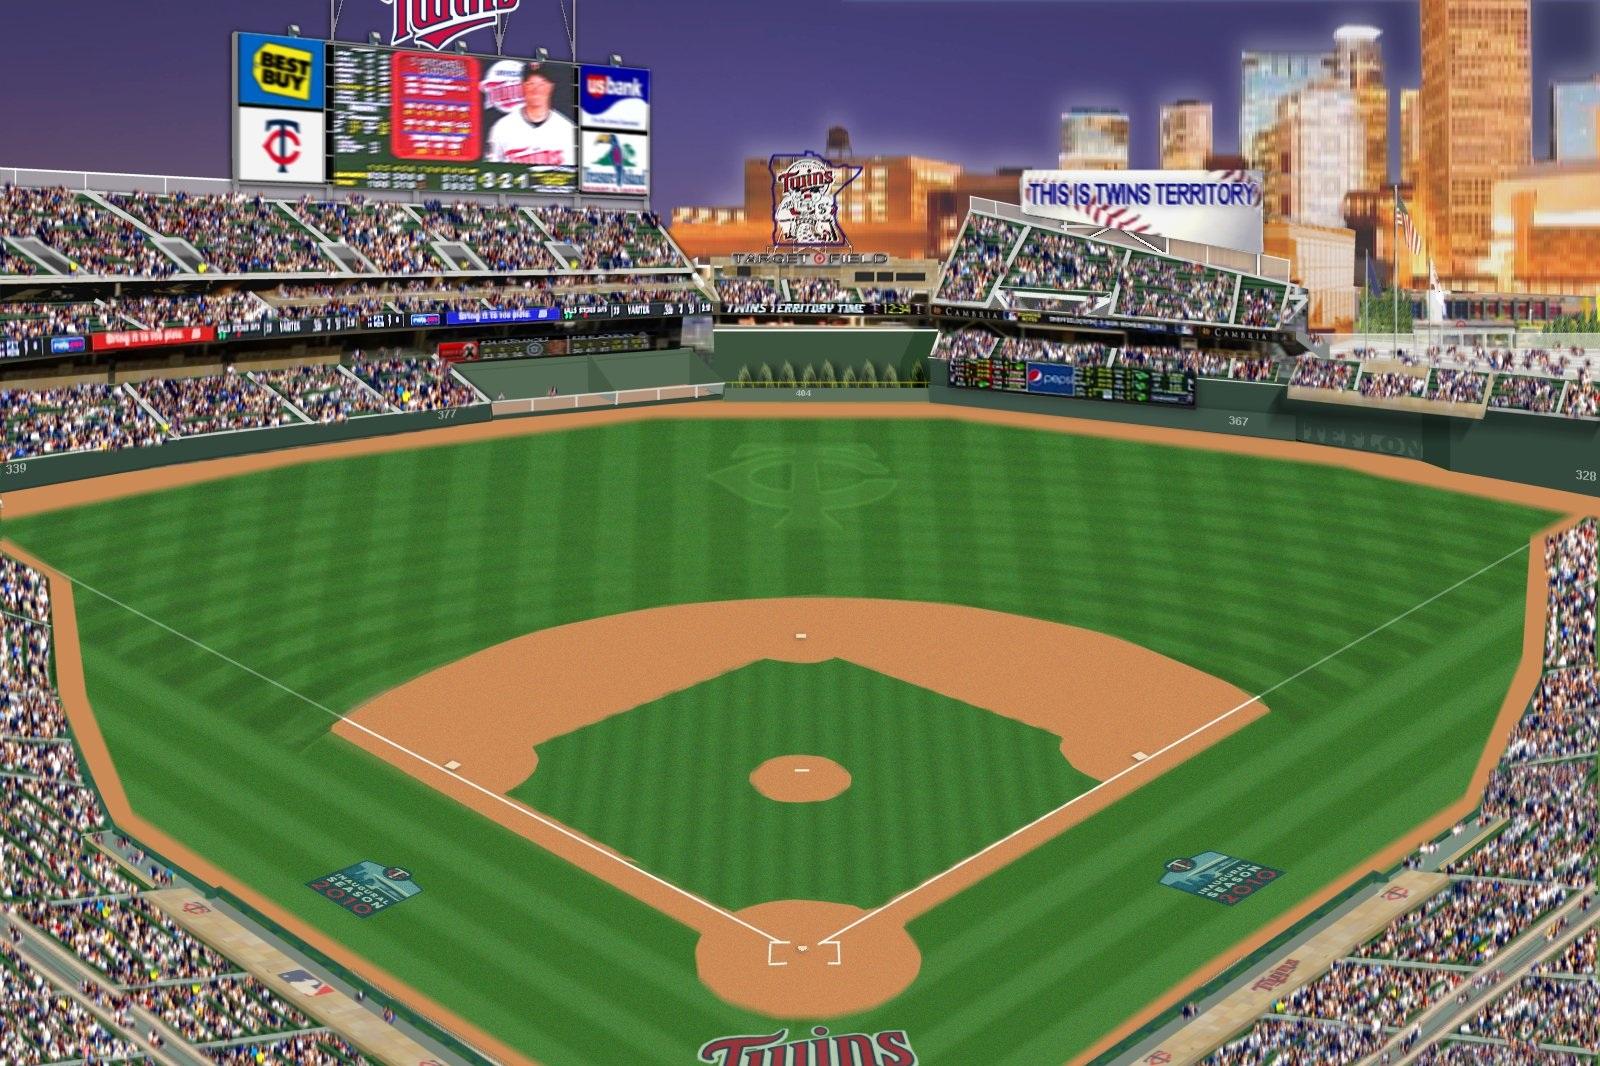 pin animatedbaseballfield on pinterest